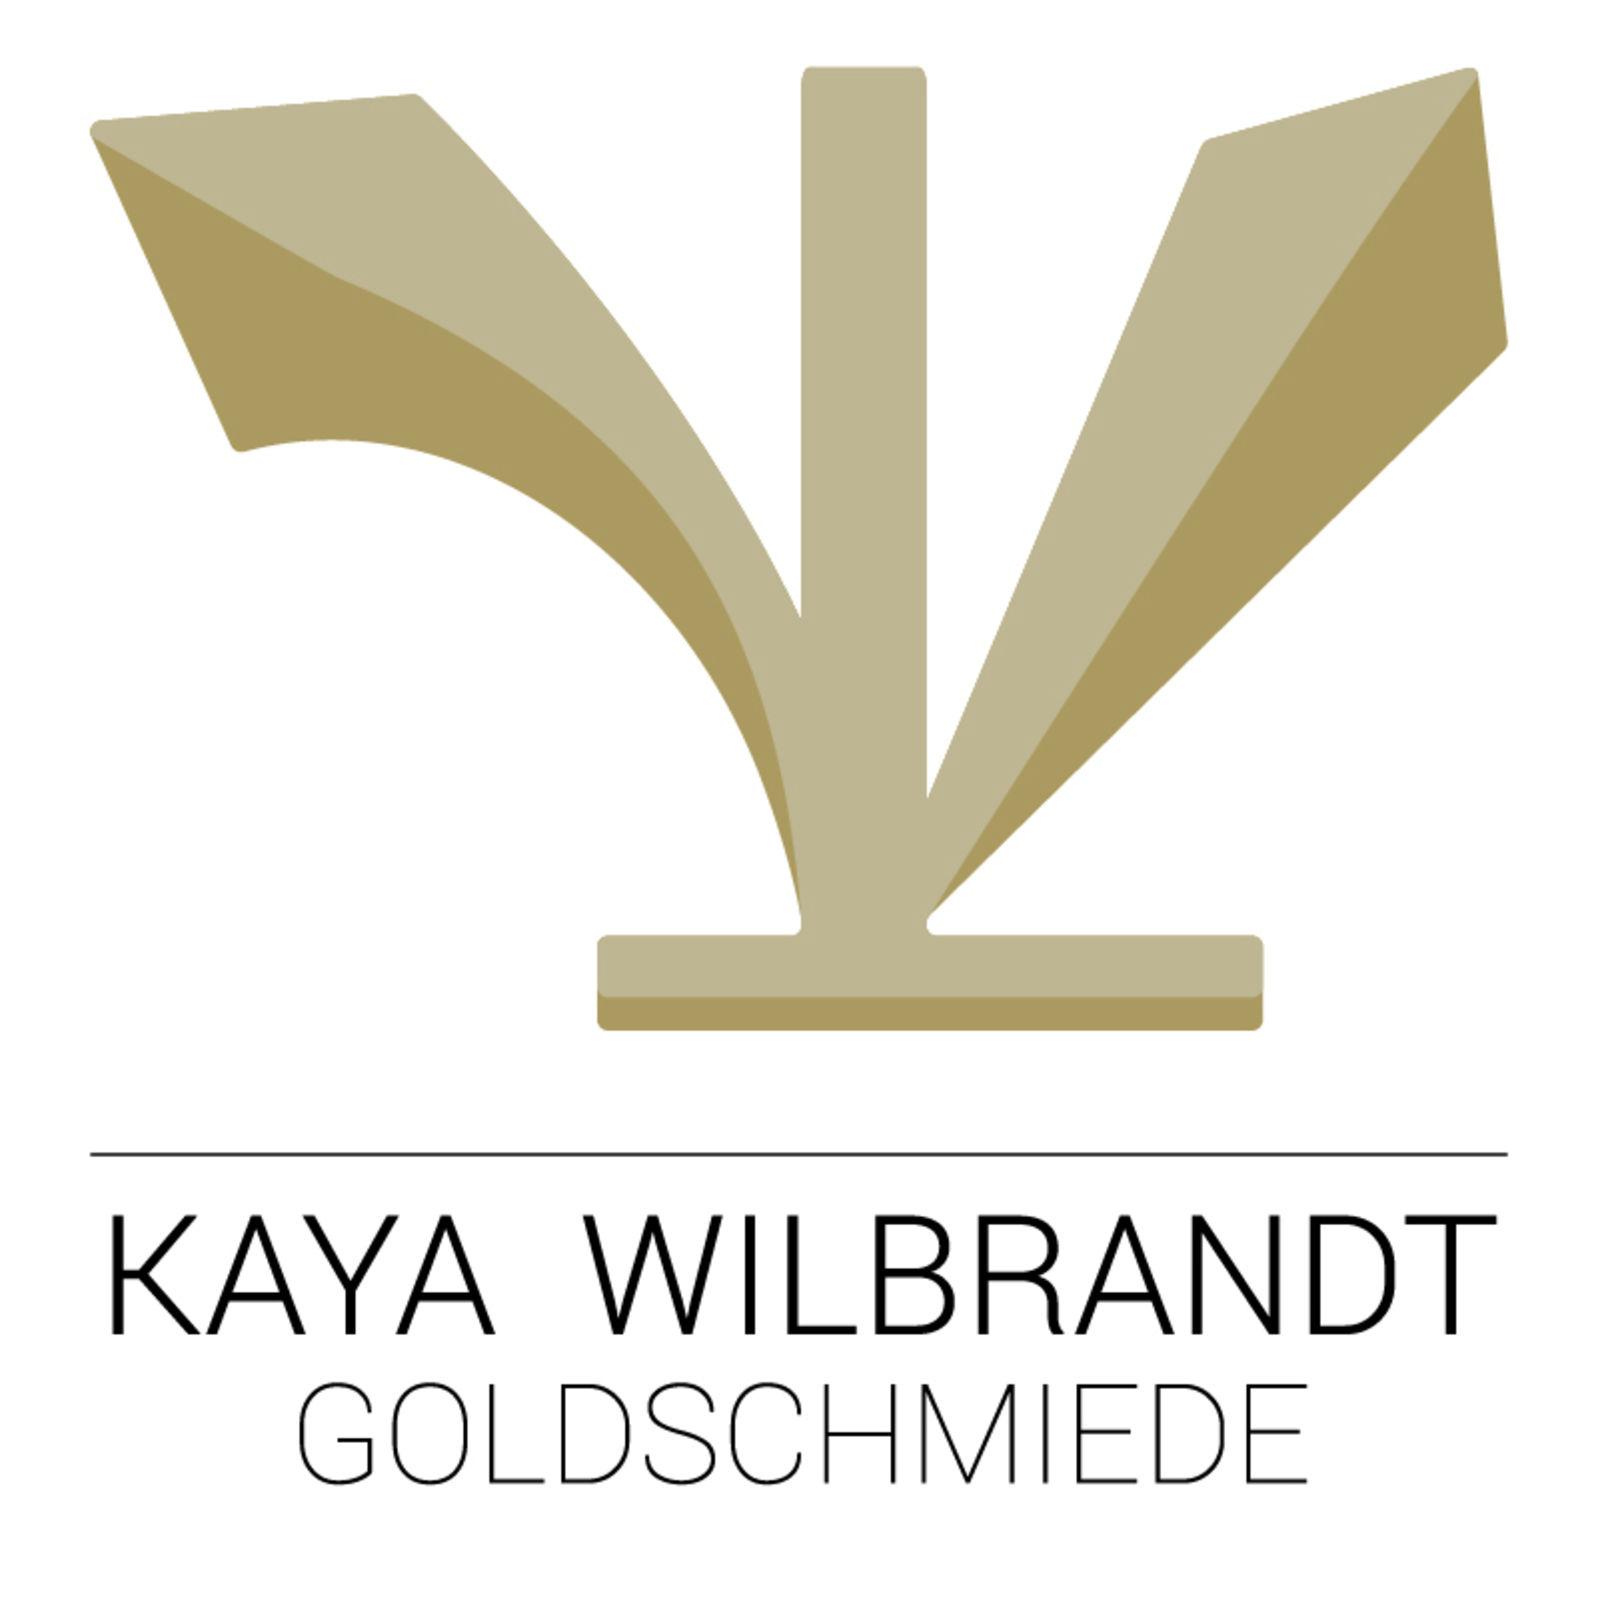 Goldschmiede Kaya Wilbrandt Köln in Köln (Bild 1)